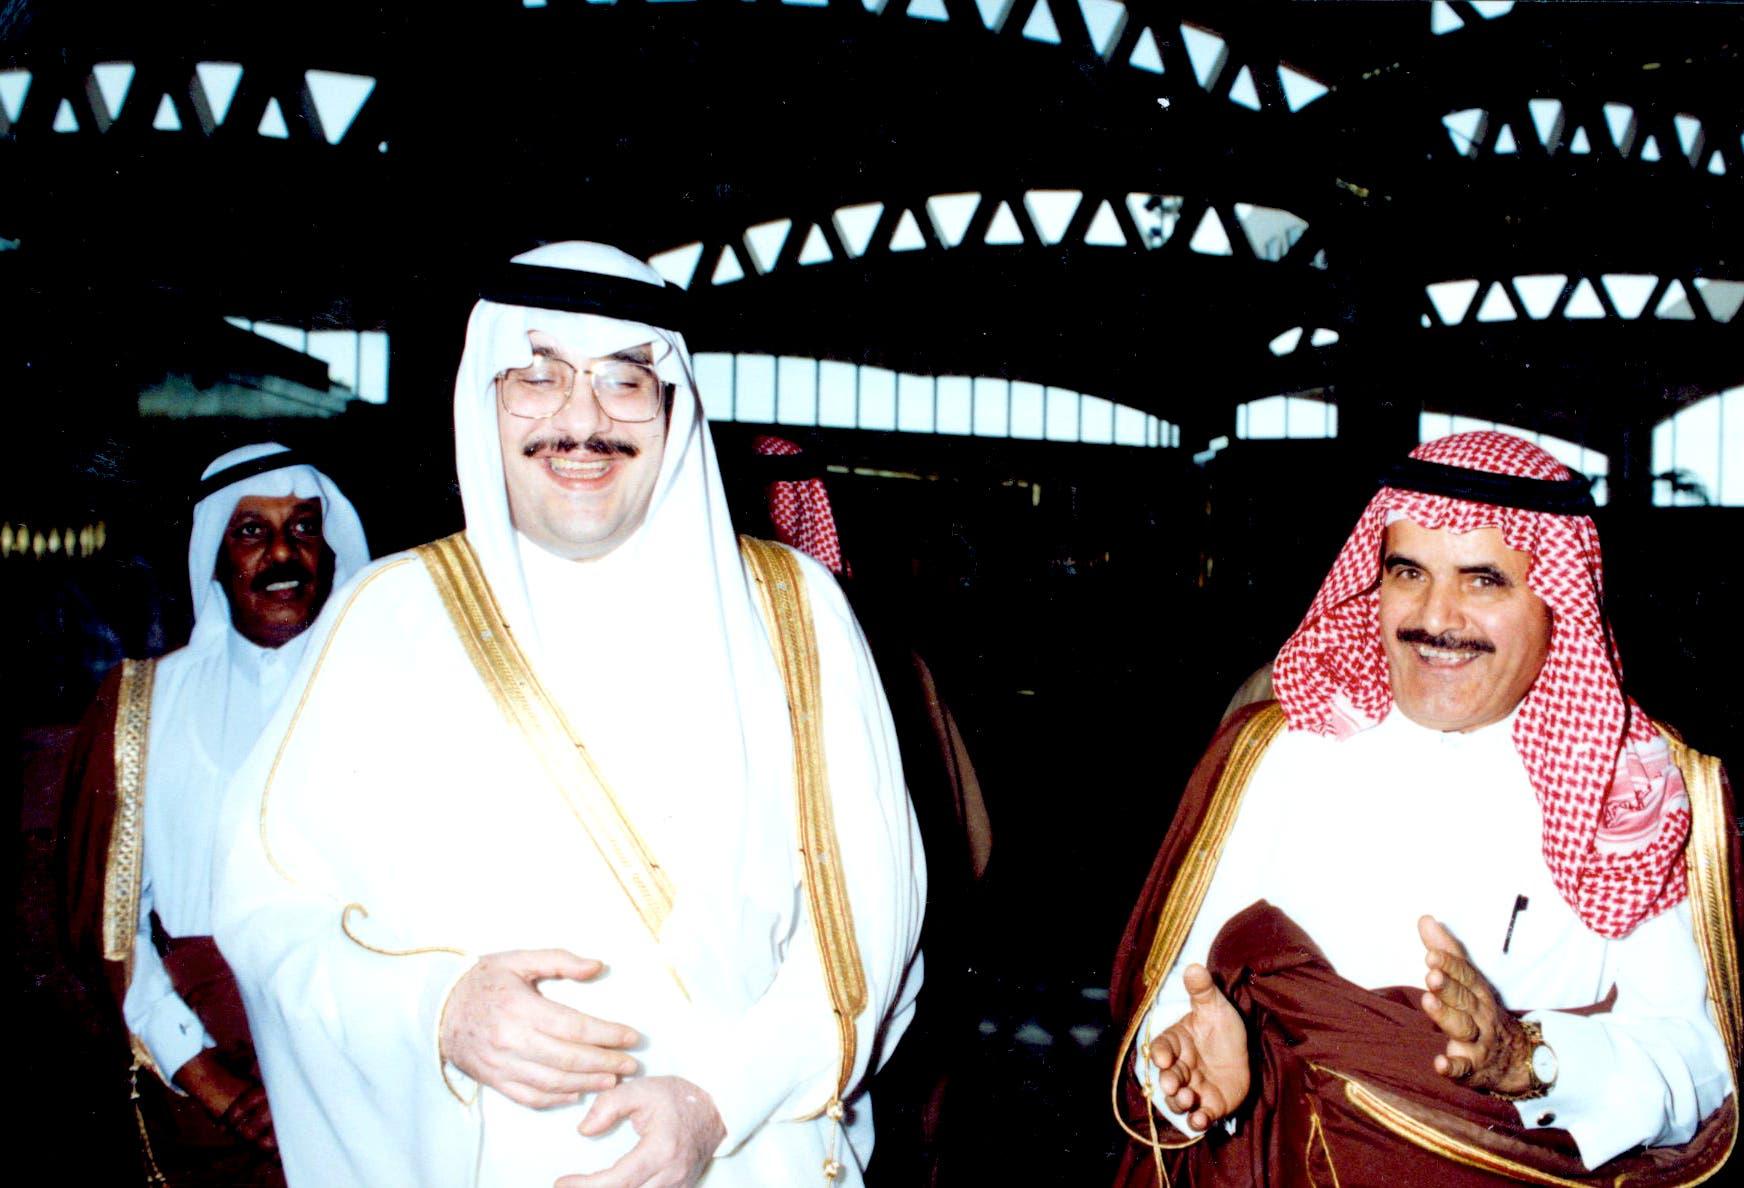 السديري مع الأمير فيصل بن فهد